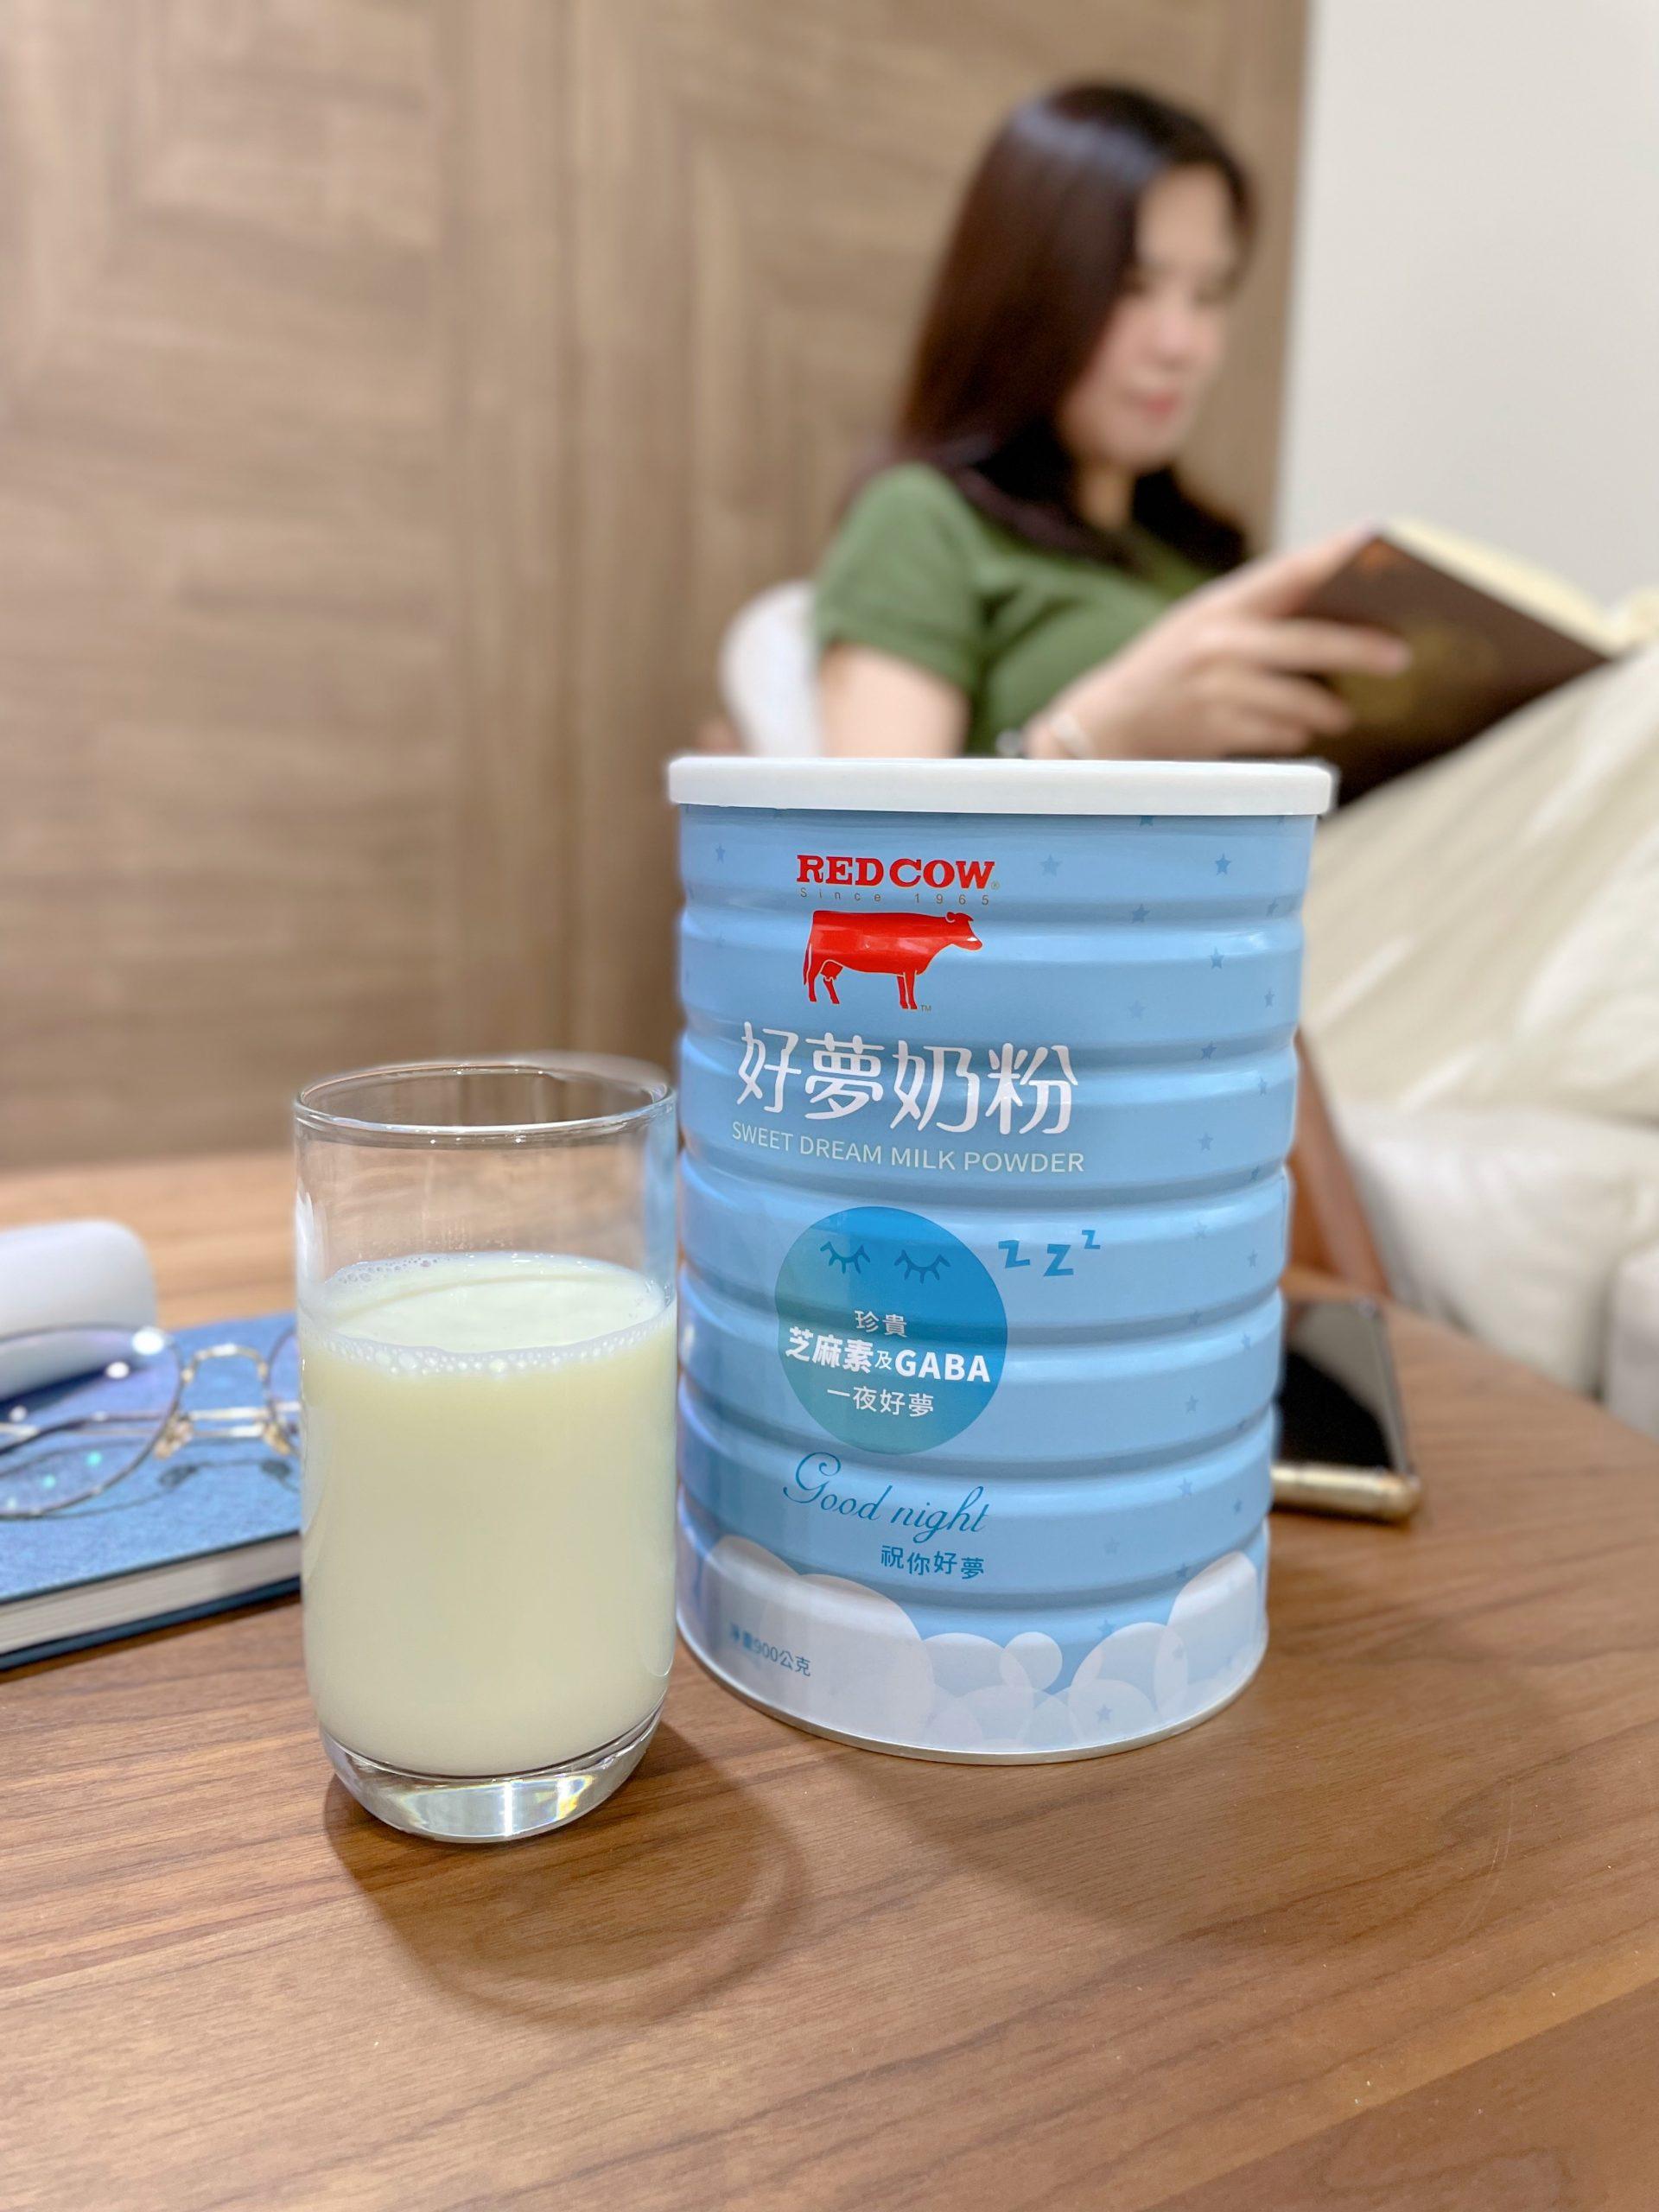 睡前奶粉推薦 紅牛好夢奶粉 添加GABA與珍貴芝麻素、強化高鈣 每一口都幸福